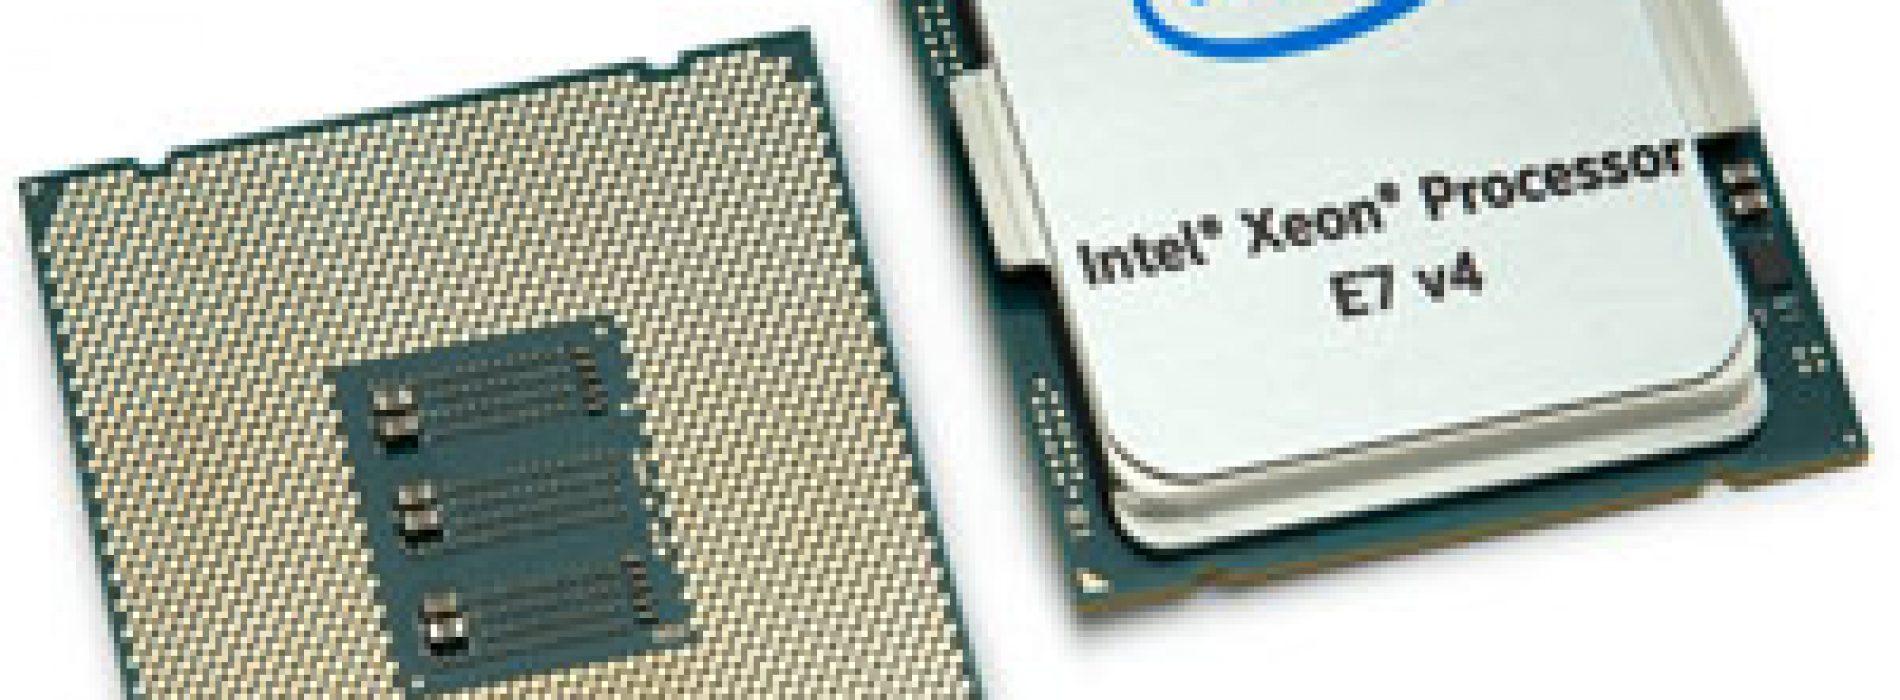 Nuevos procesadores E7 v4 acelera velocidad de datos y transforma los negocios